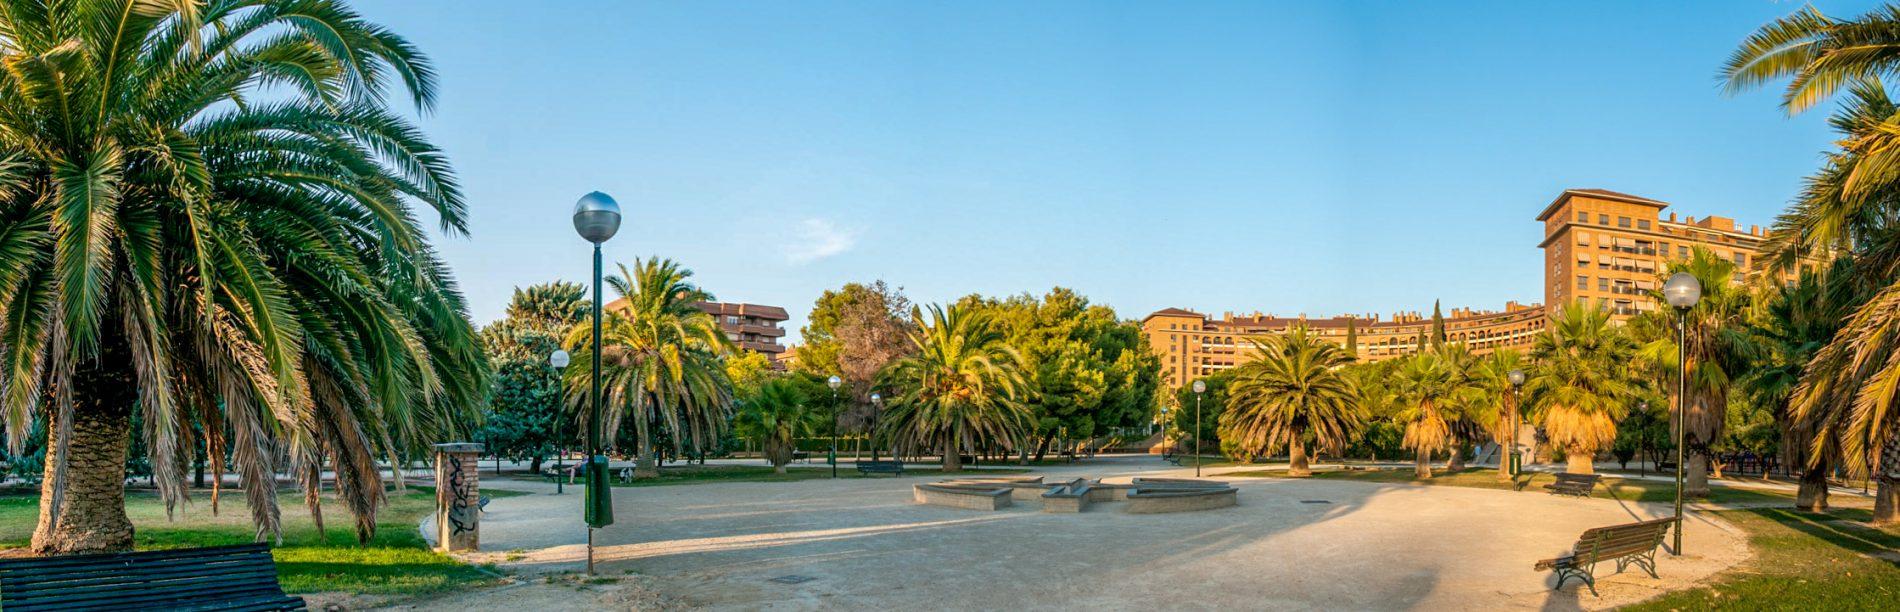 Parque de la Aljaferia